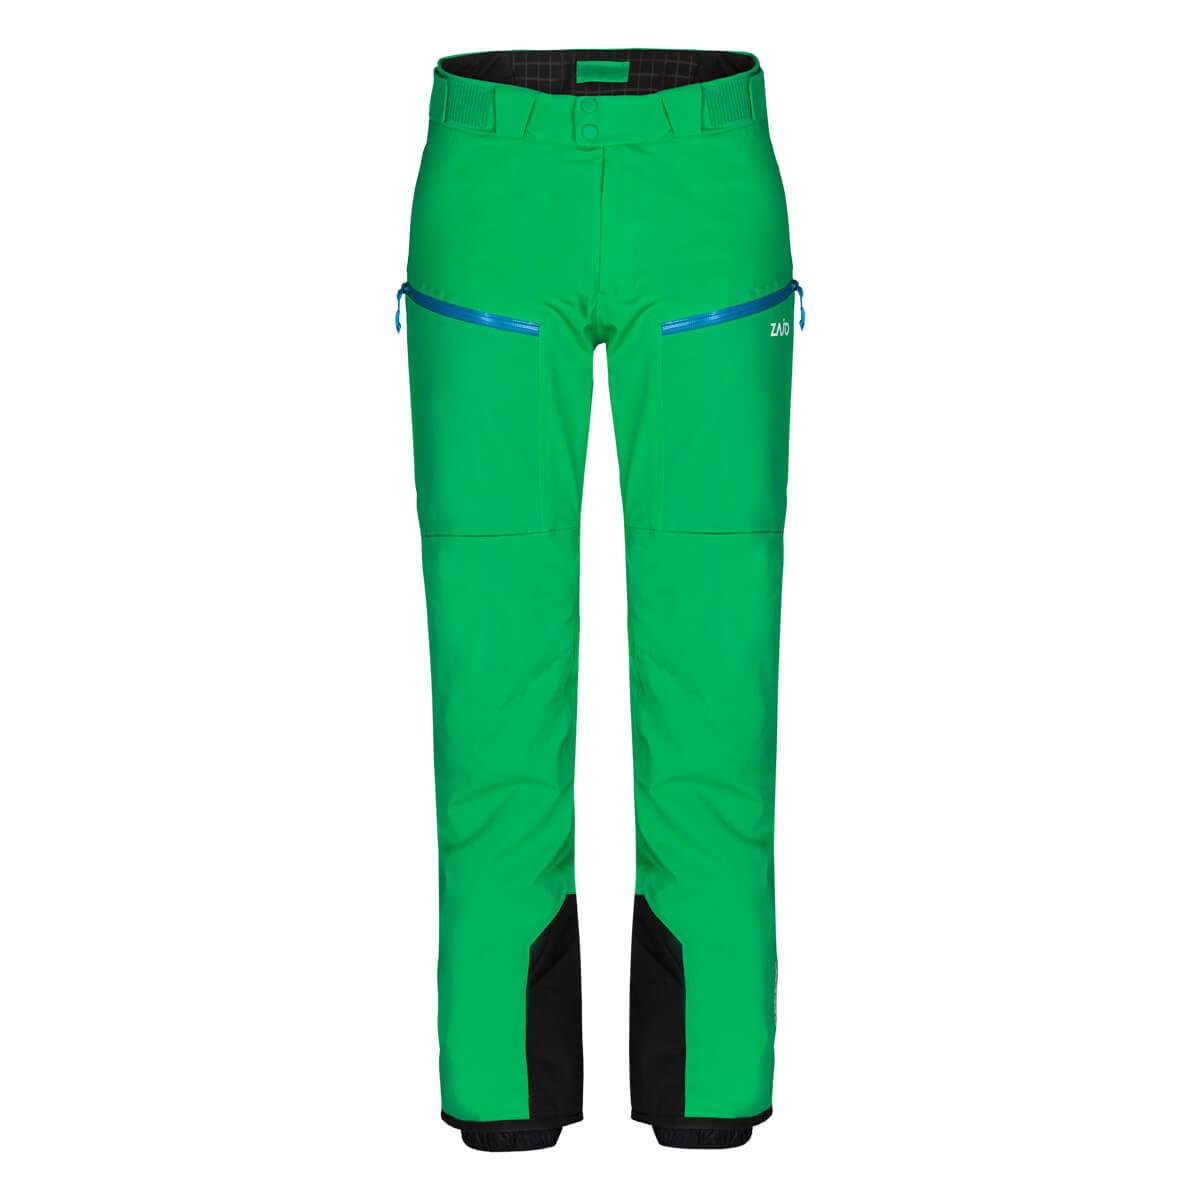 Pánske lyžiarske nohavice Zajo Nassfeld W Pants Bright Green - veľkosť M